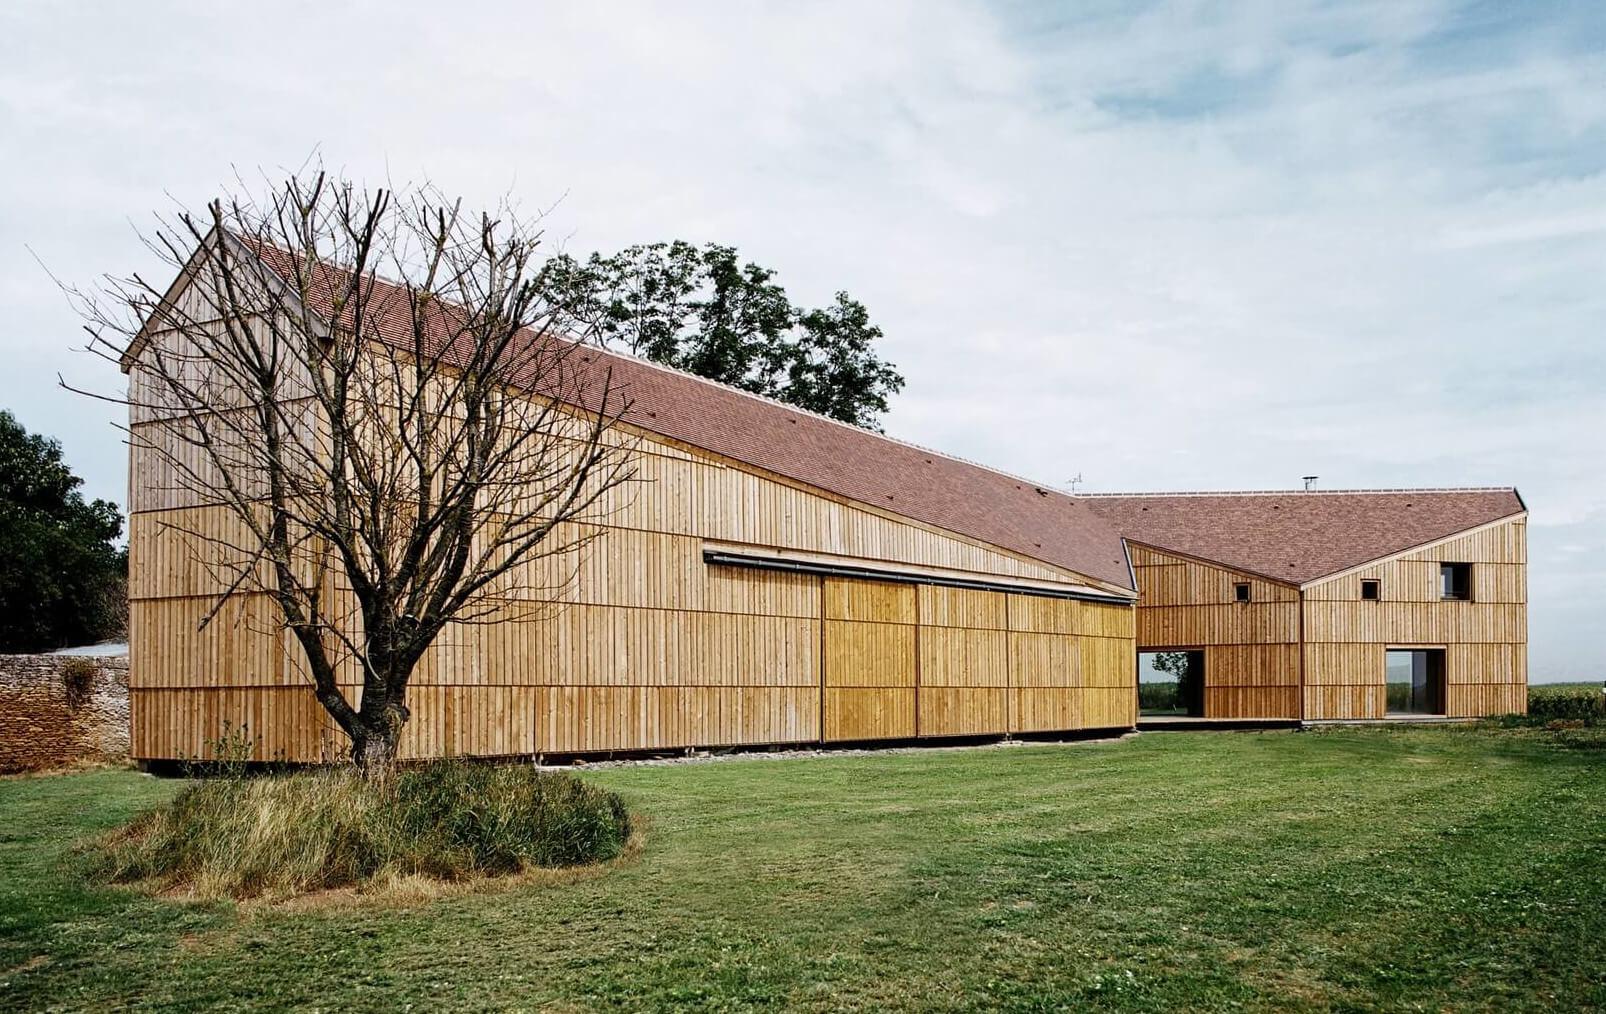 Maison passive et architecture bioclimatique